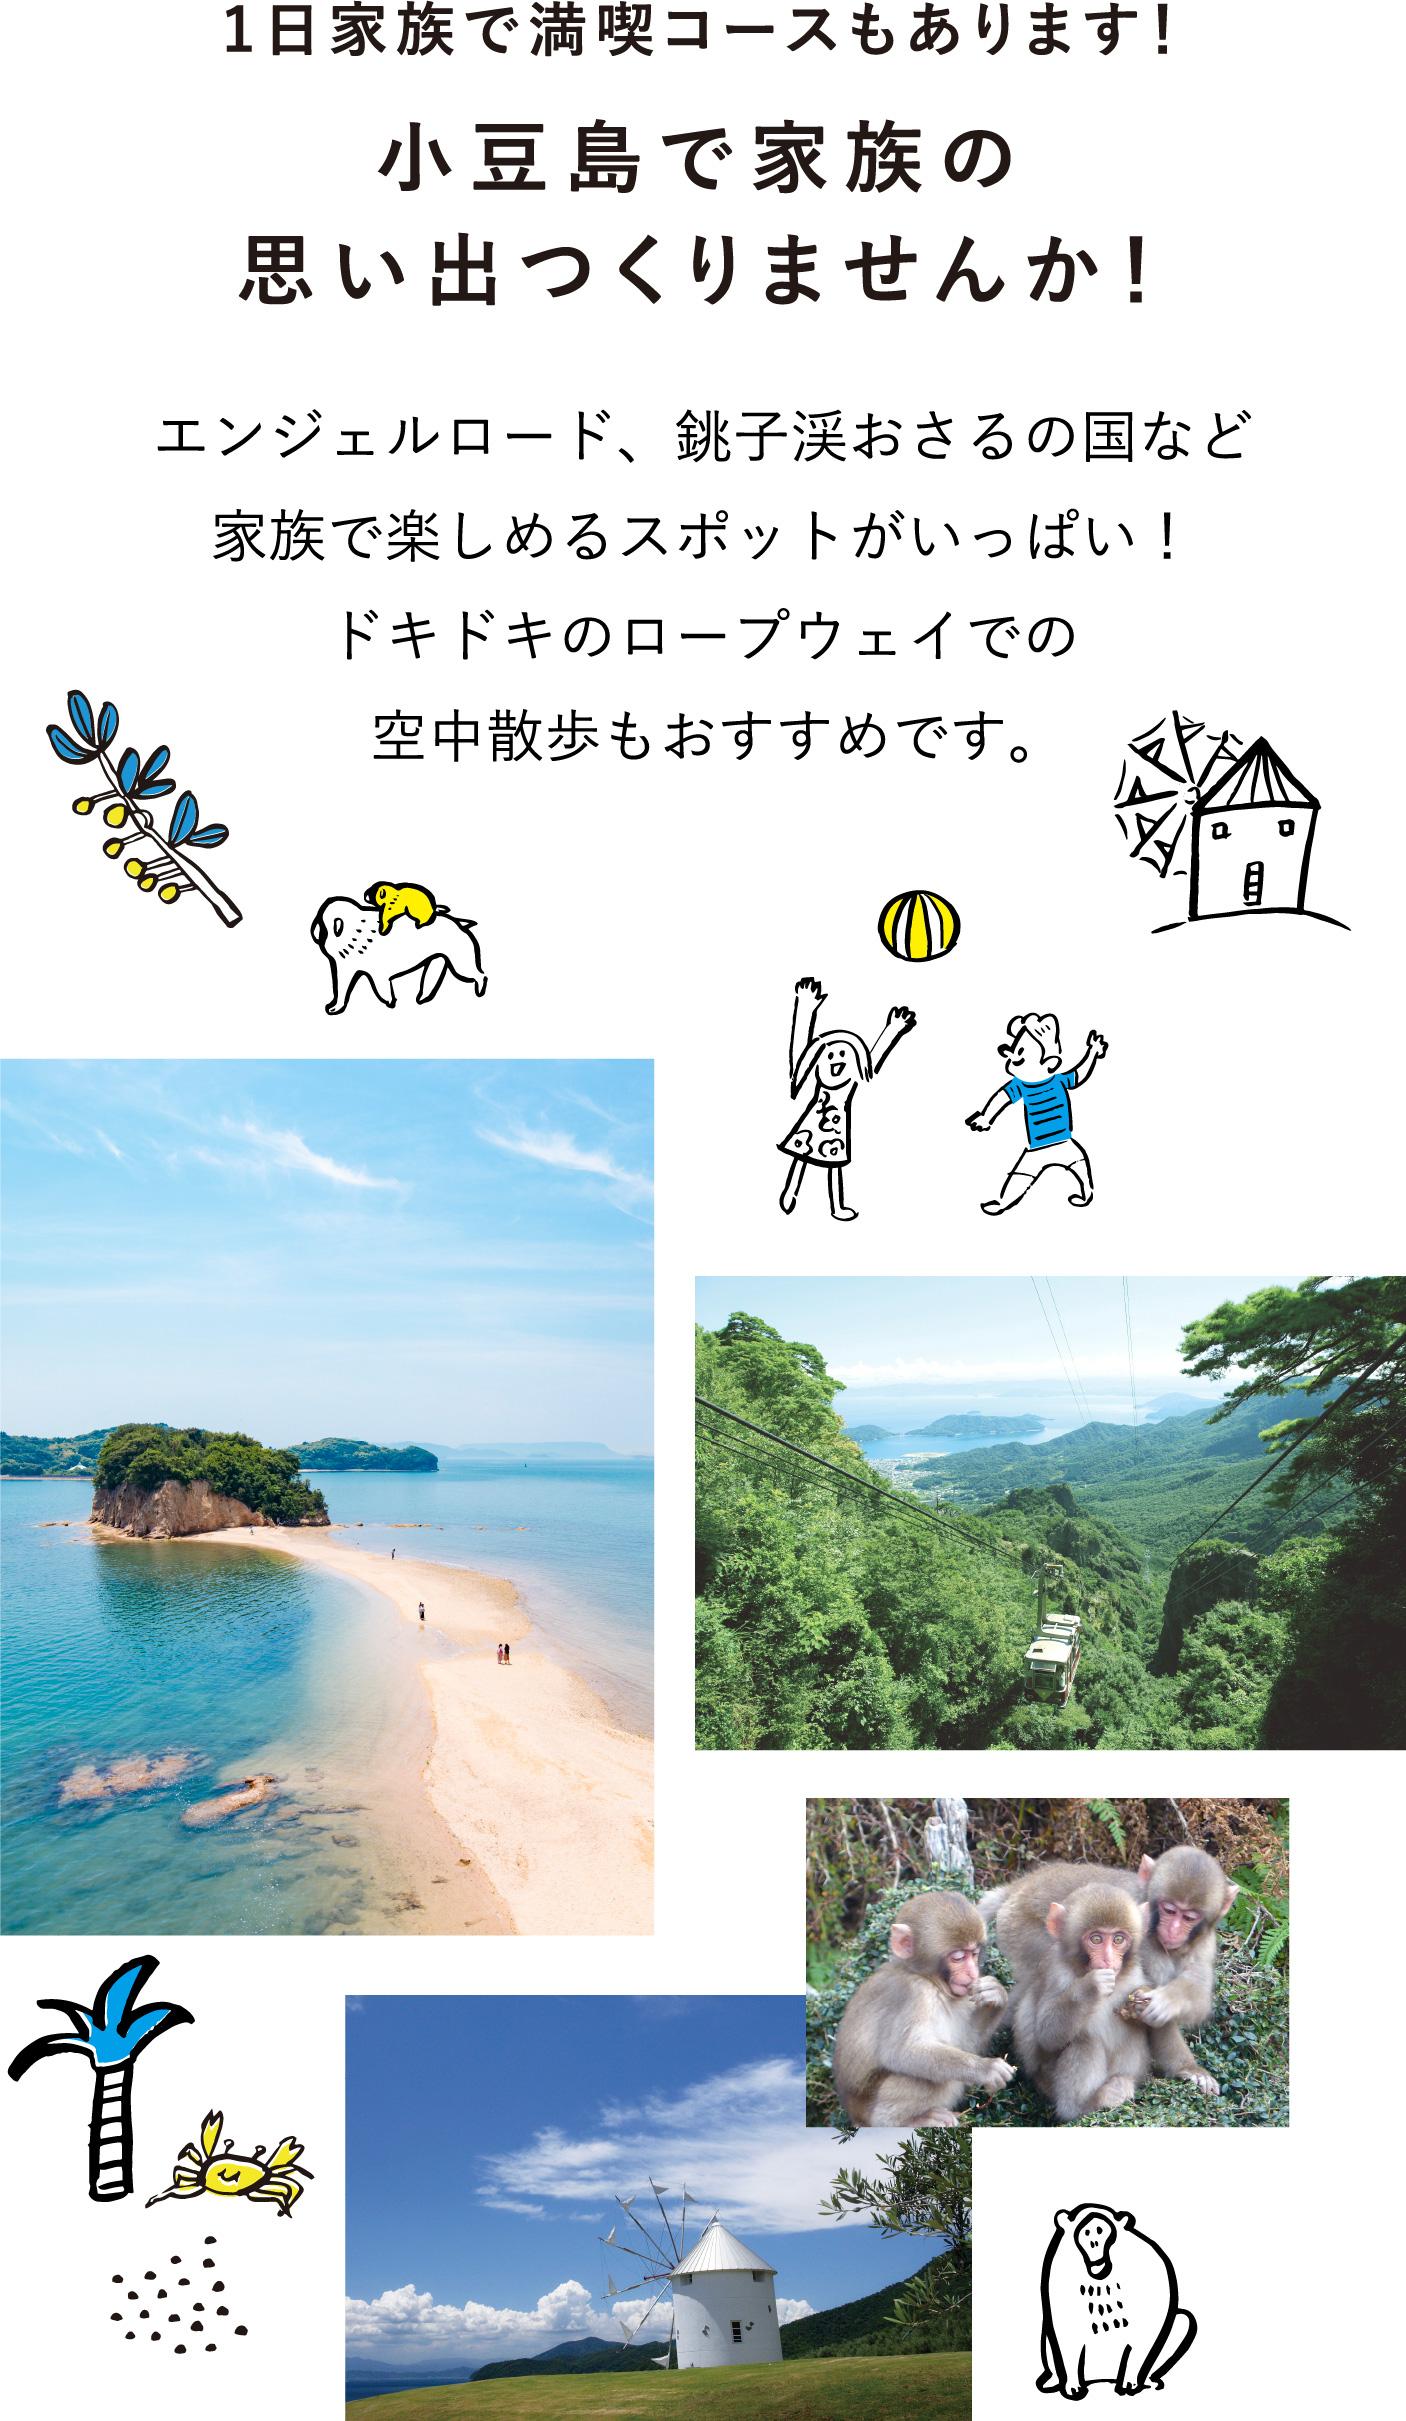 1日家族で満喫コースもあります!小豆島で家族の思い出つくりませんか!エンジェルロード、銚子渓おさるの国など家族で楽しめるスポットがいっぱい!ドキドキのロープウェイでの空中散歩もおすすめです。